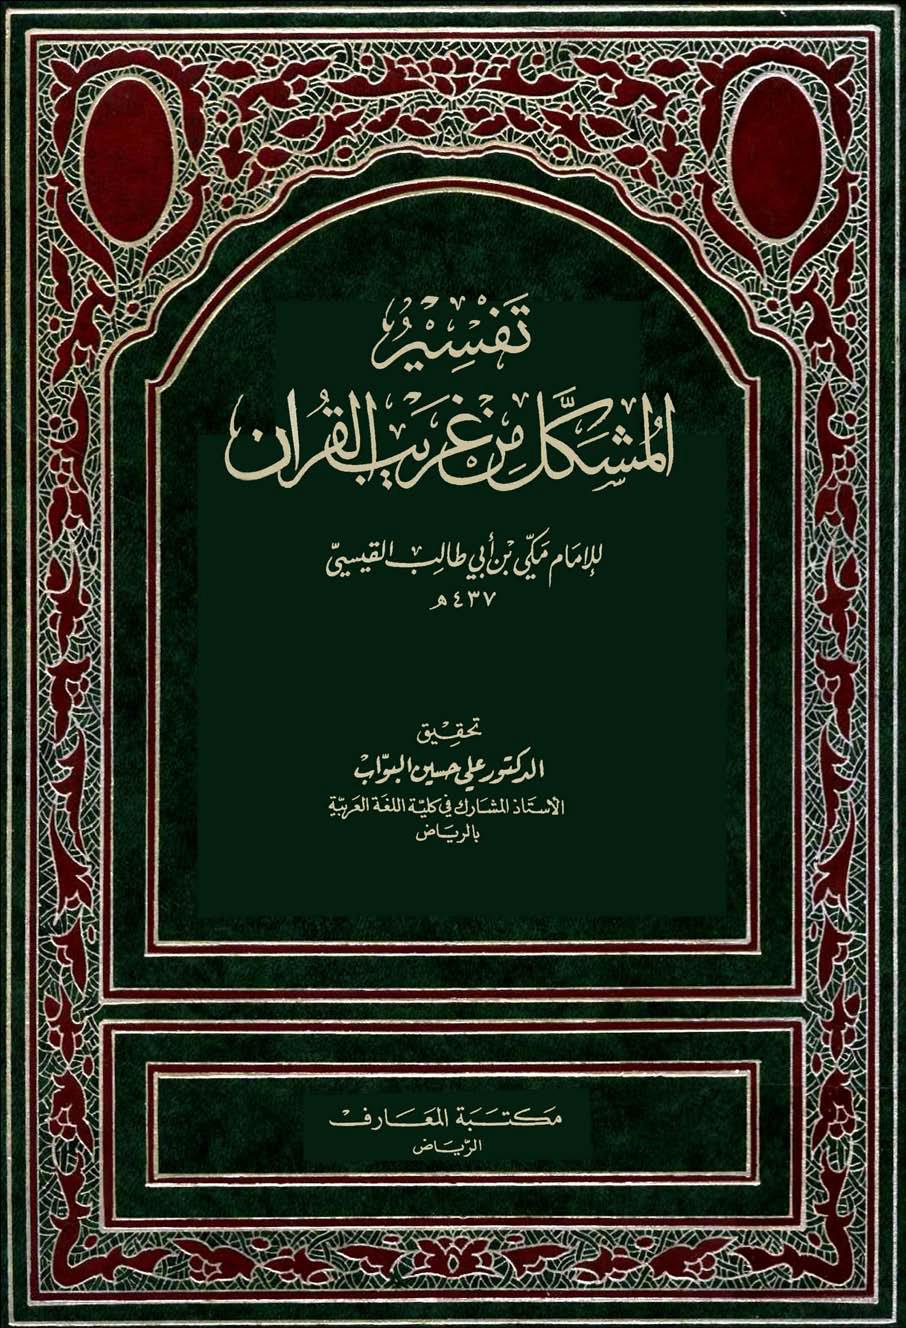 تحميل كتاب تفسير المشكل من غريب القرآن (ت. البواب) لـِ: الإمام أبو محمد مكي بن أبي طالب حمّوش القيسي (ت 437)